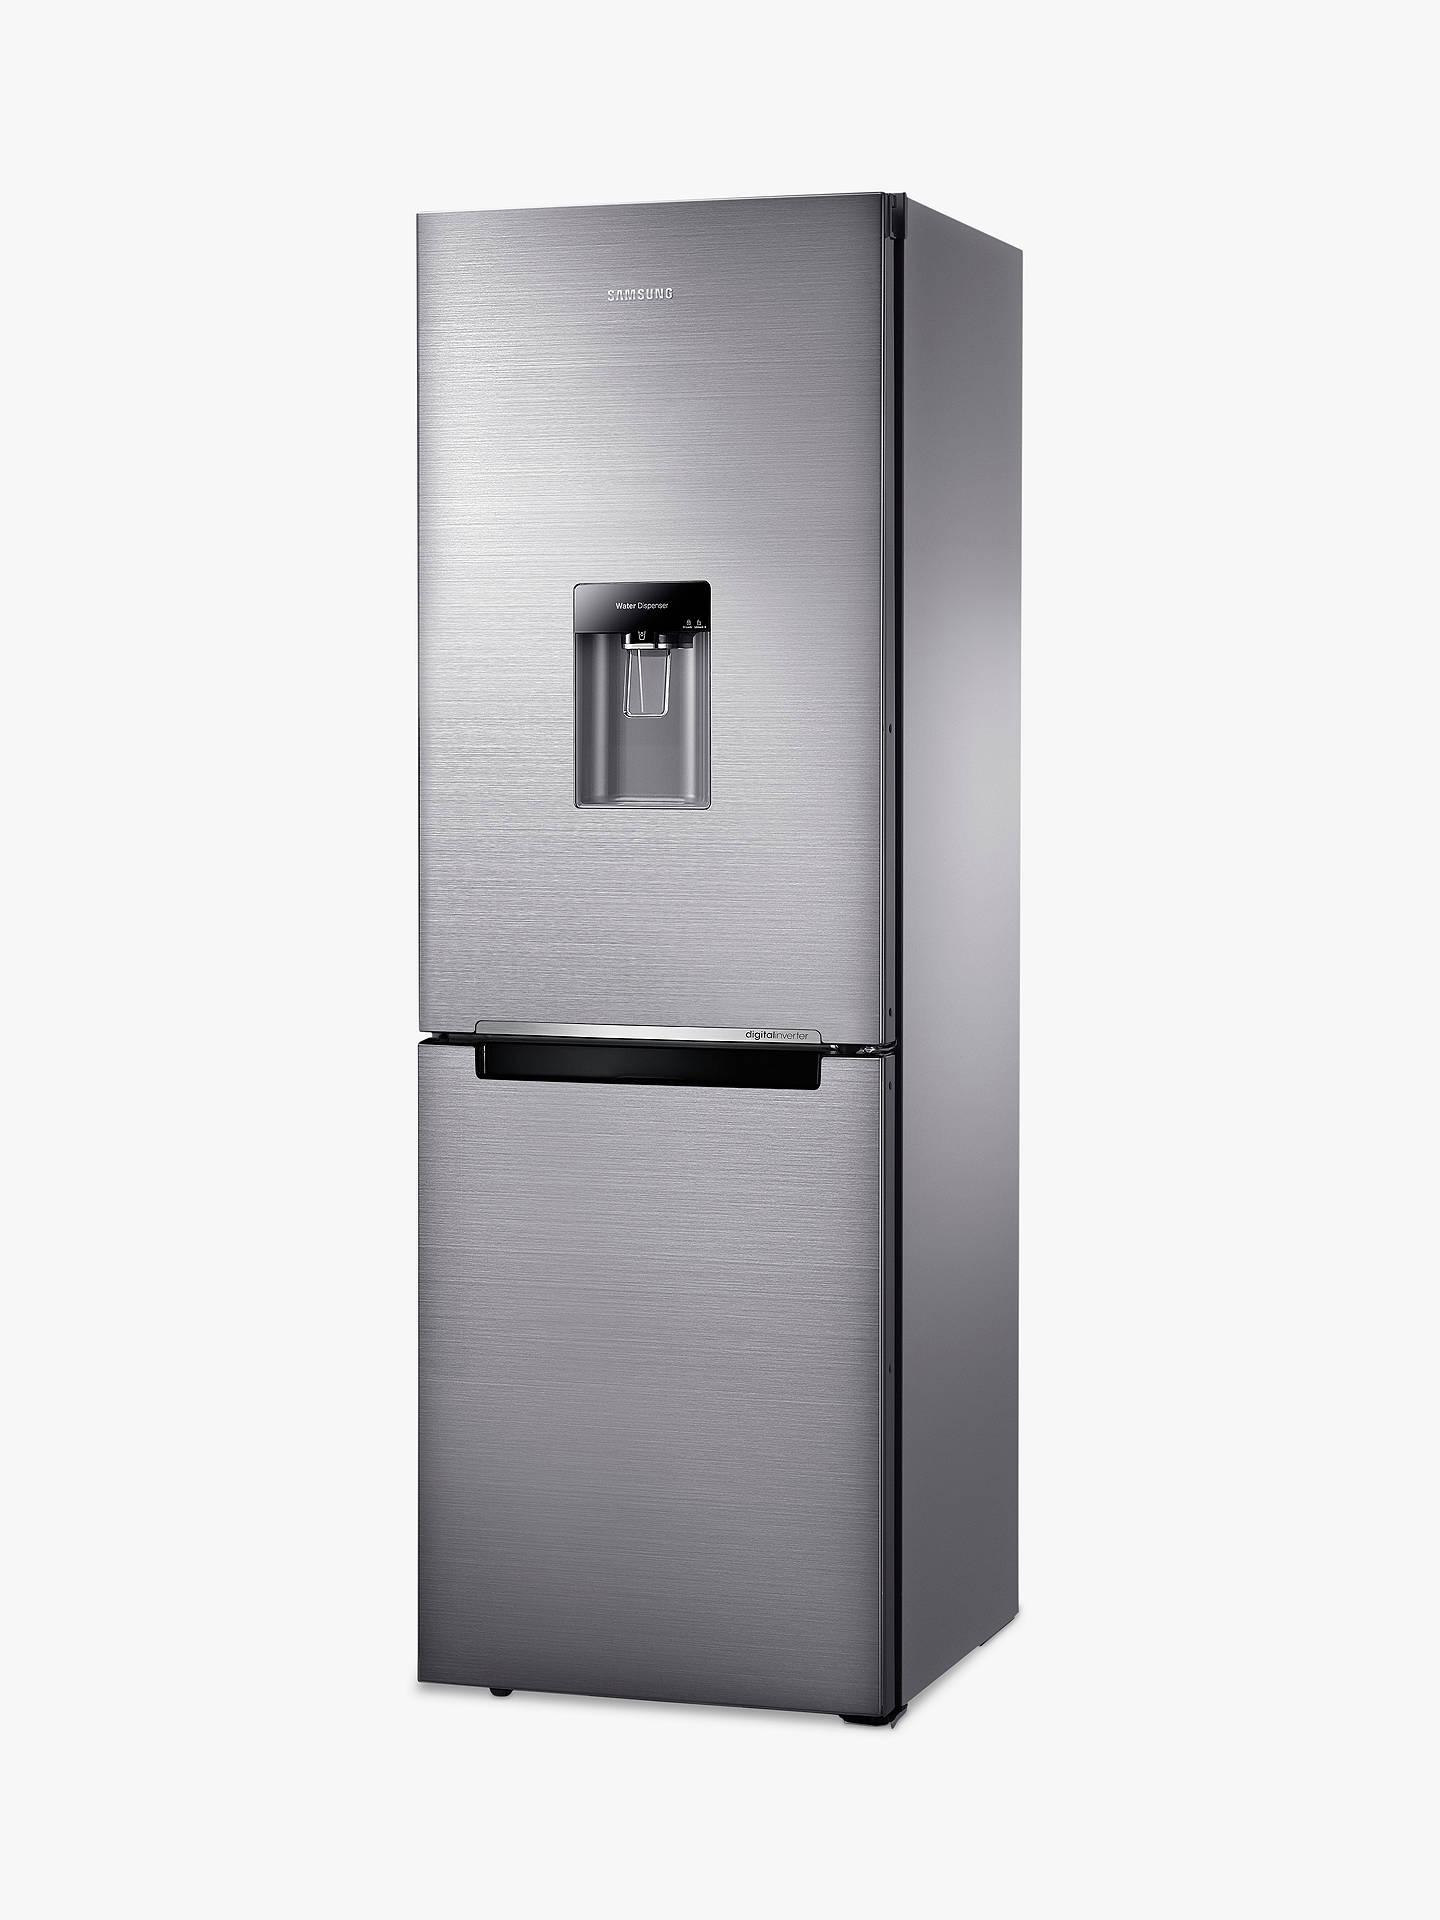 Samsung RB29FWRNDSS Fridge Freezer, Brushed Steel